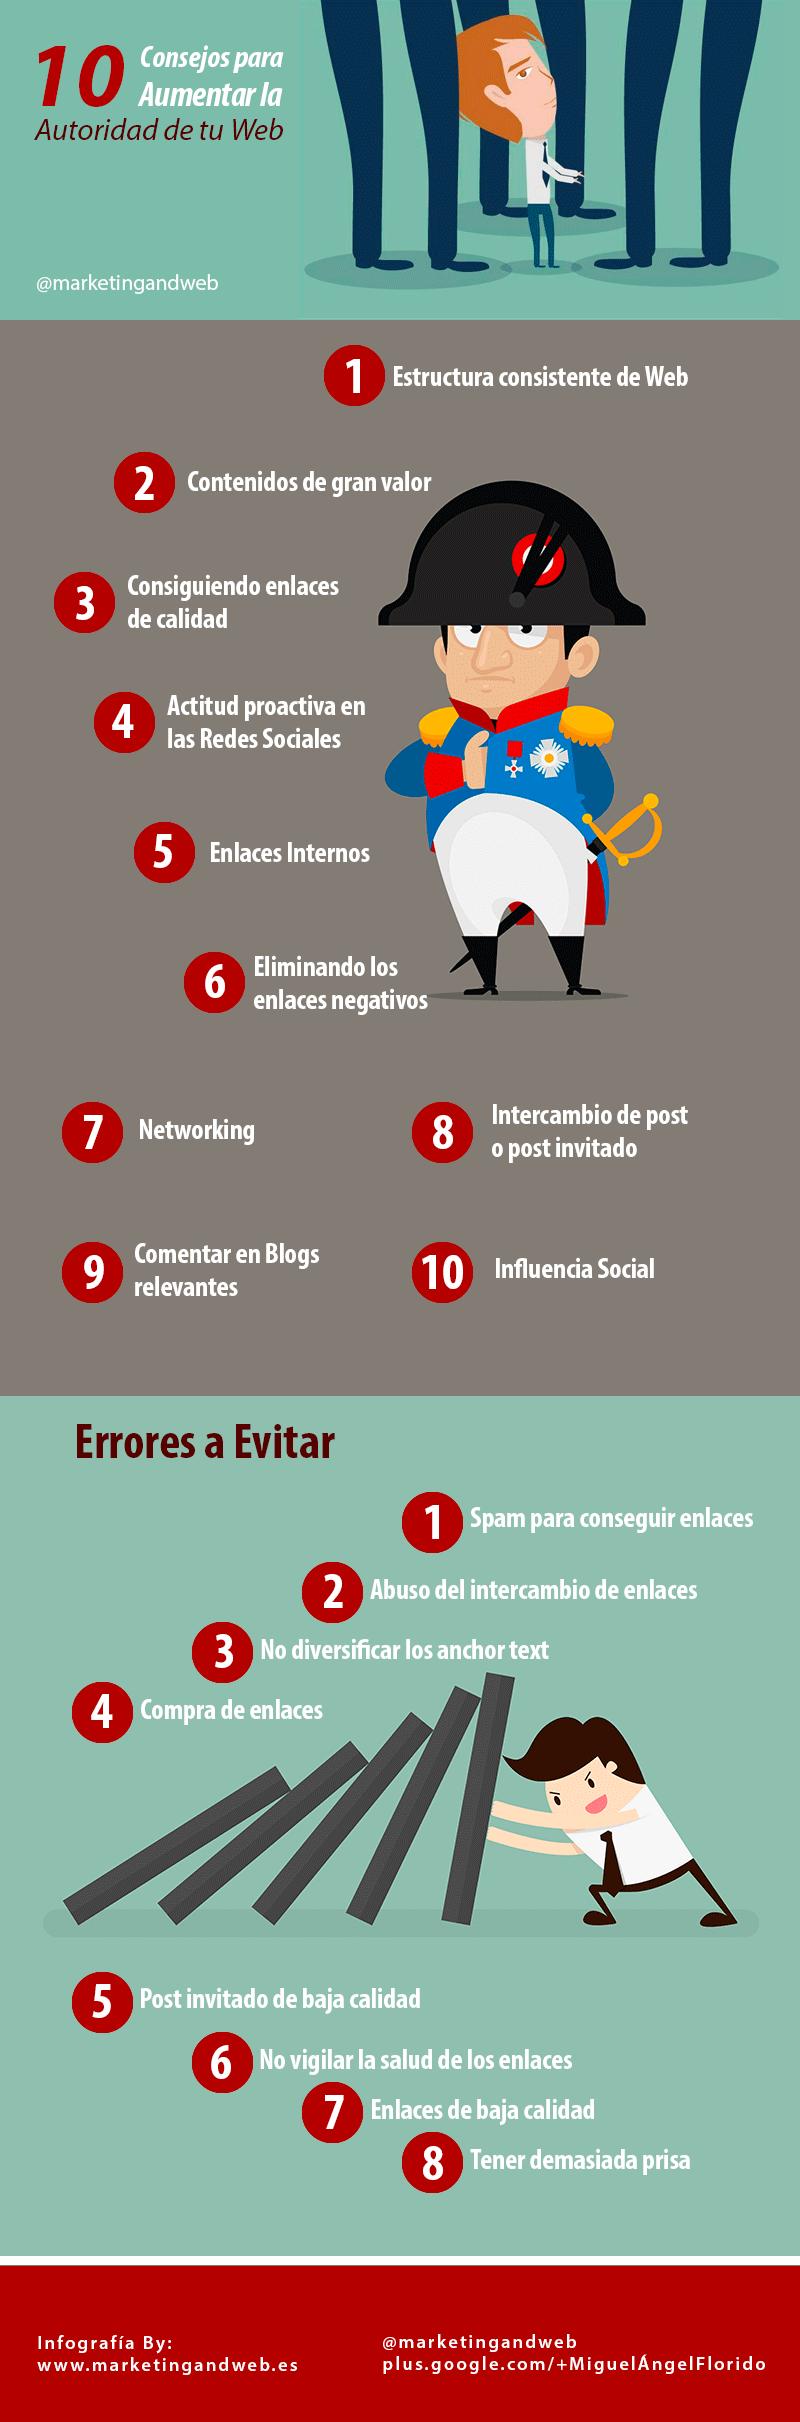 10 consejos para aumentar la autoridad de tu web (y 10 errores a evitar)